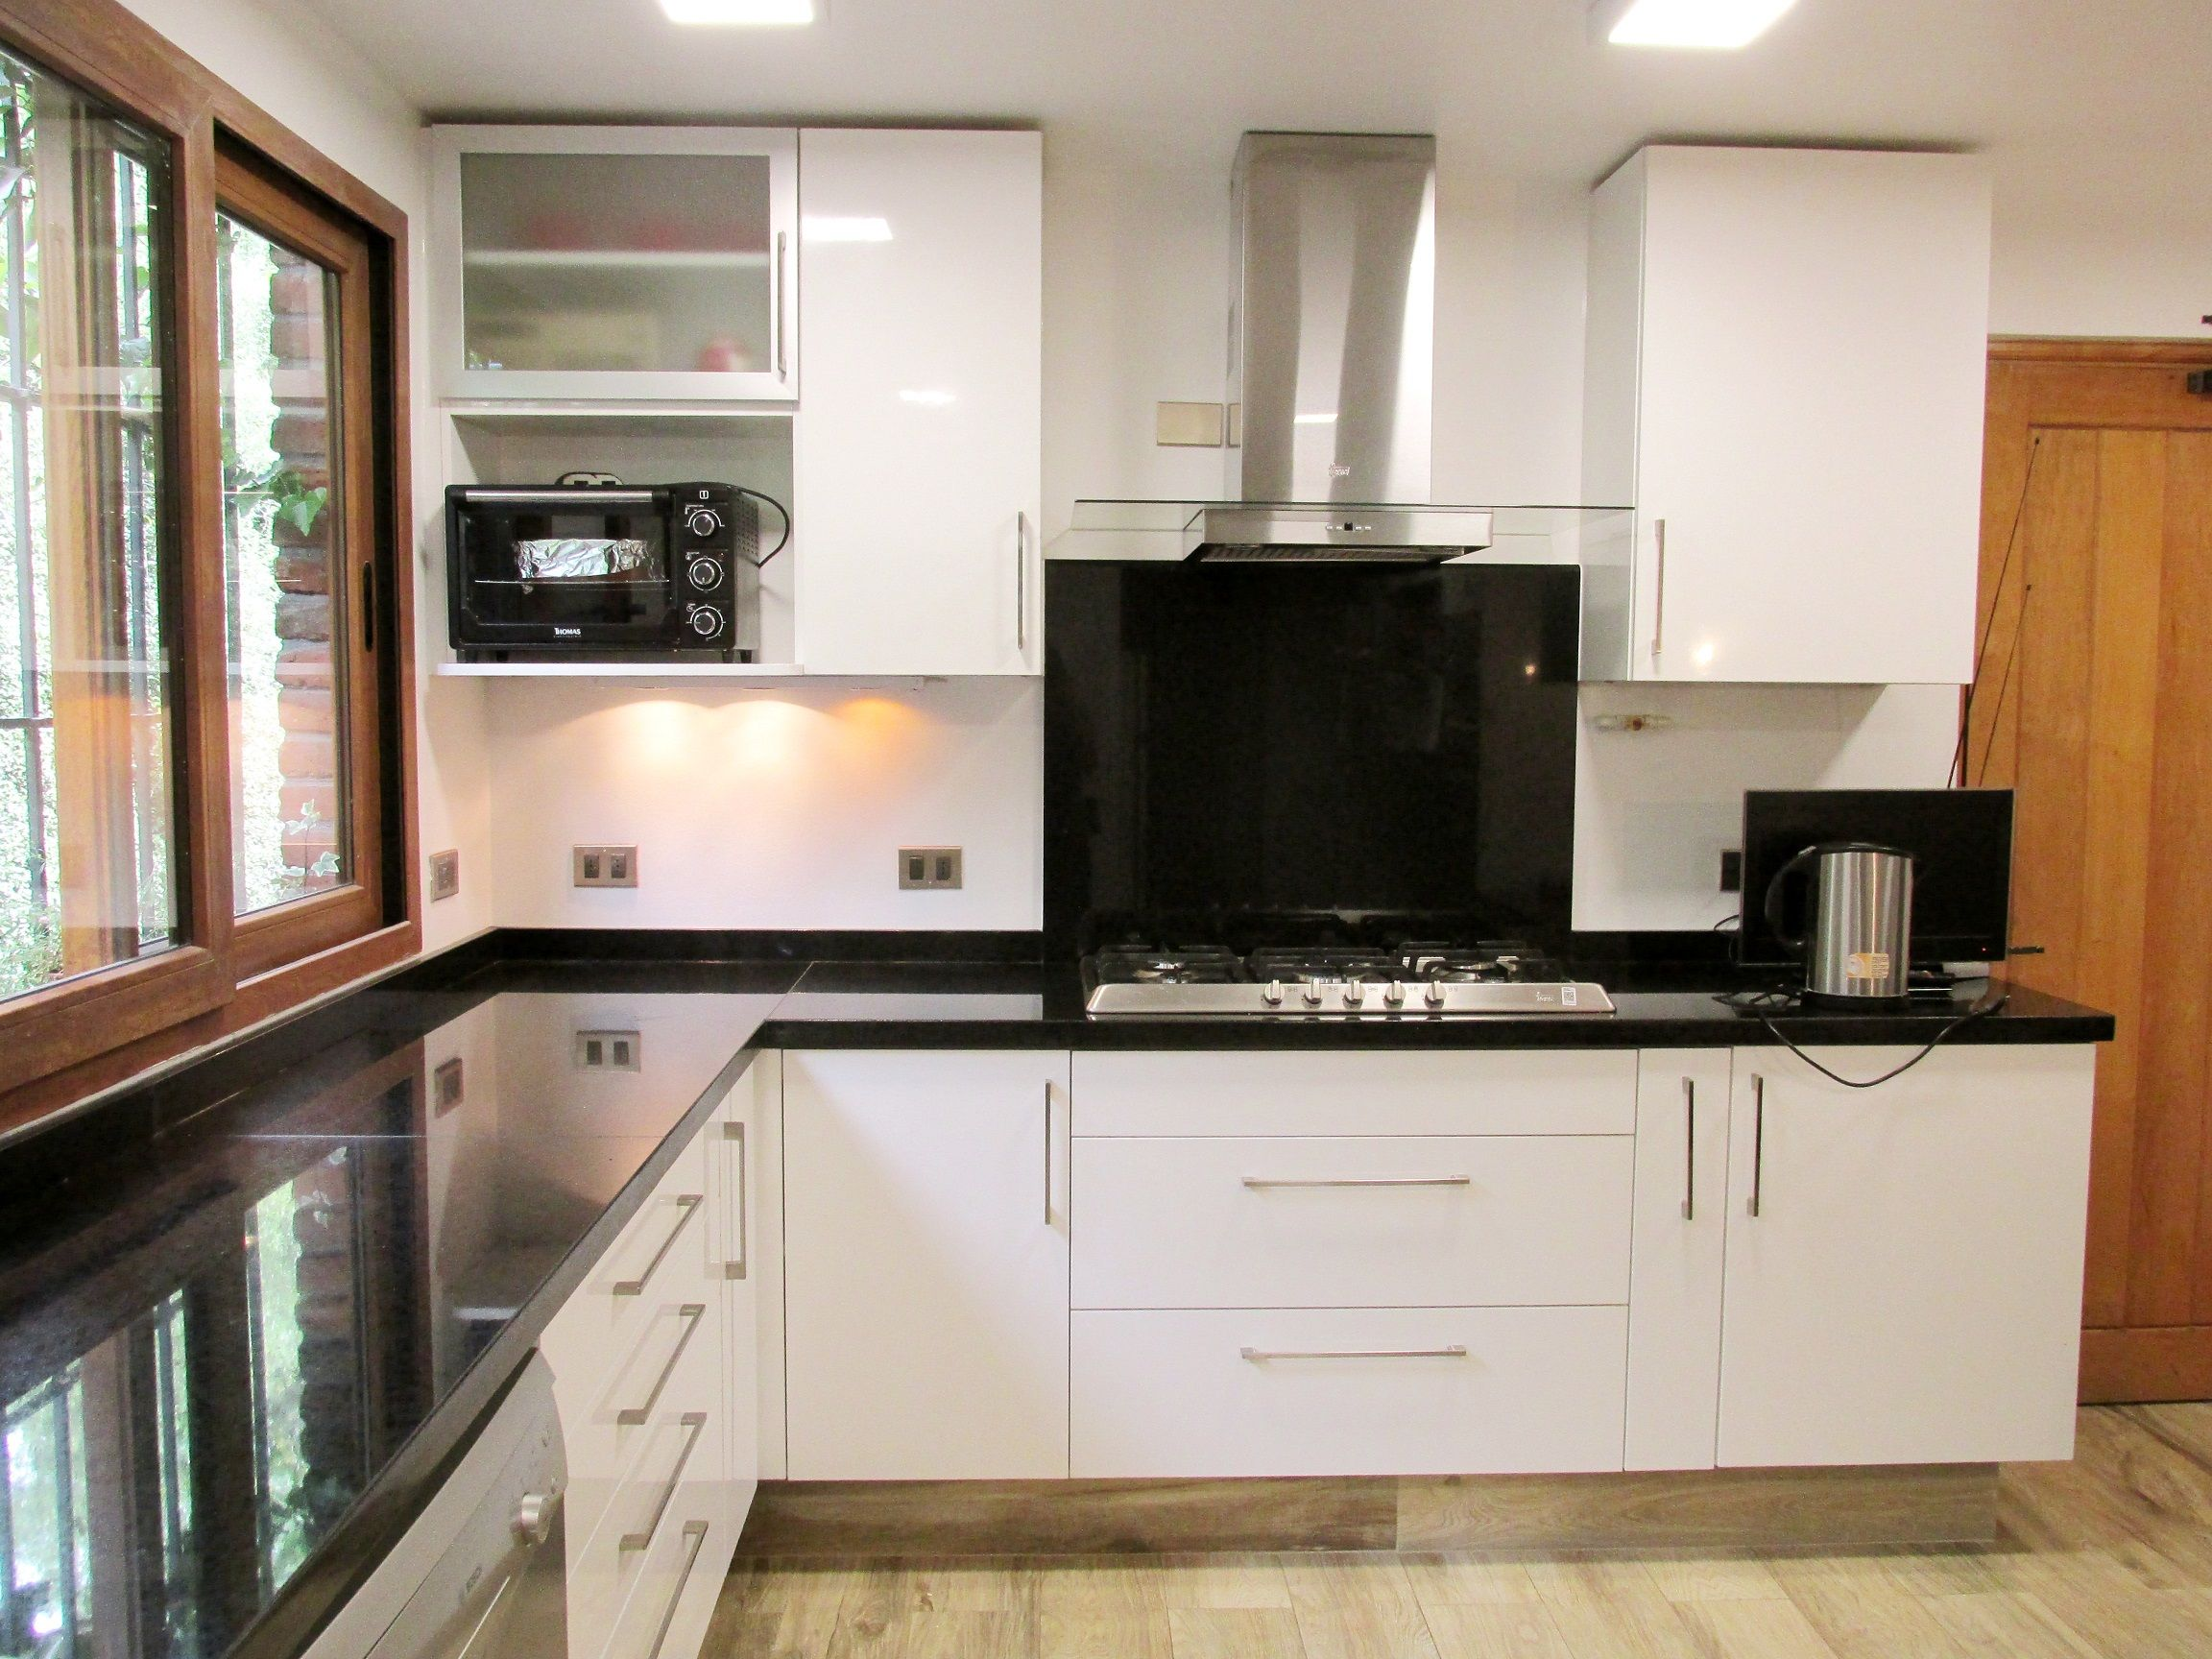 Muebles de cocina blanco brillante con cubierta de granito - Muebles cocina blanco ...